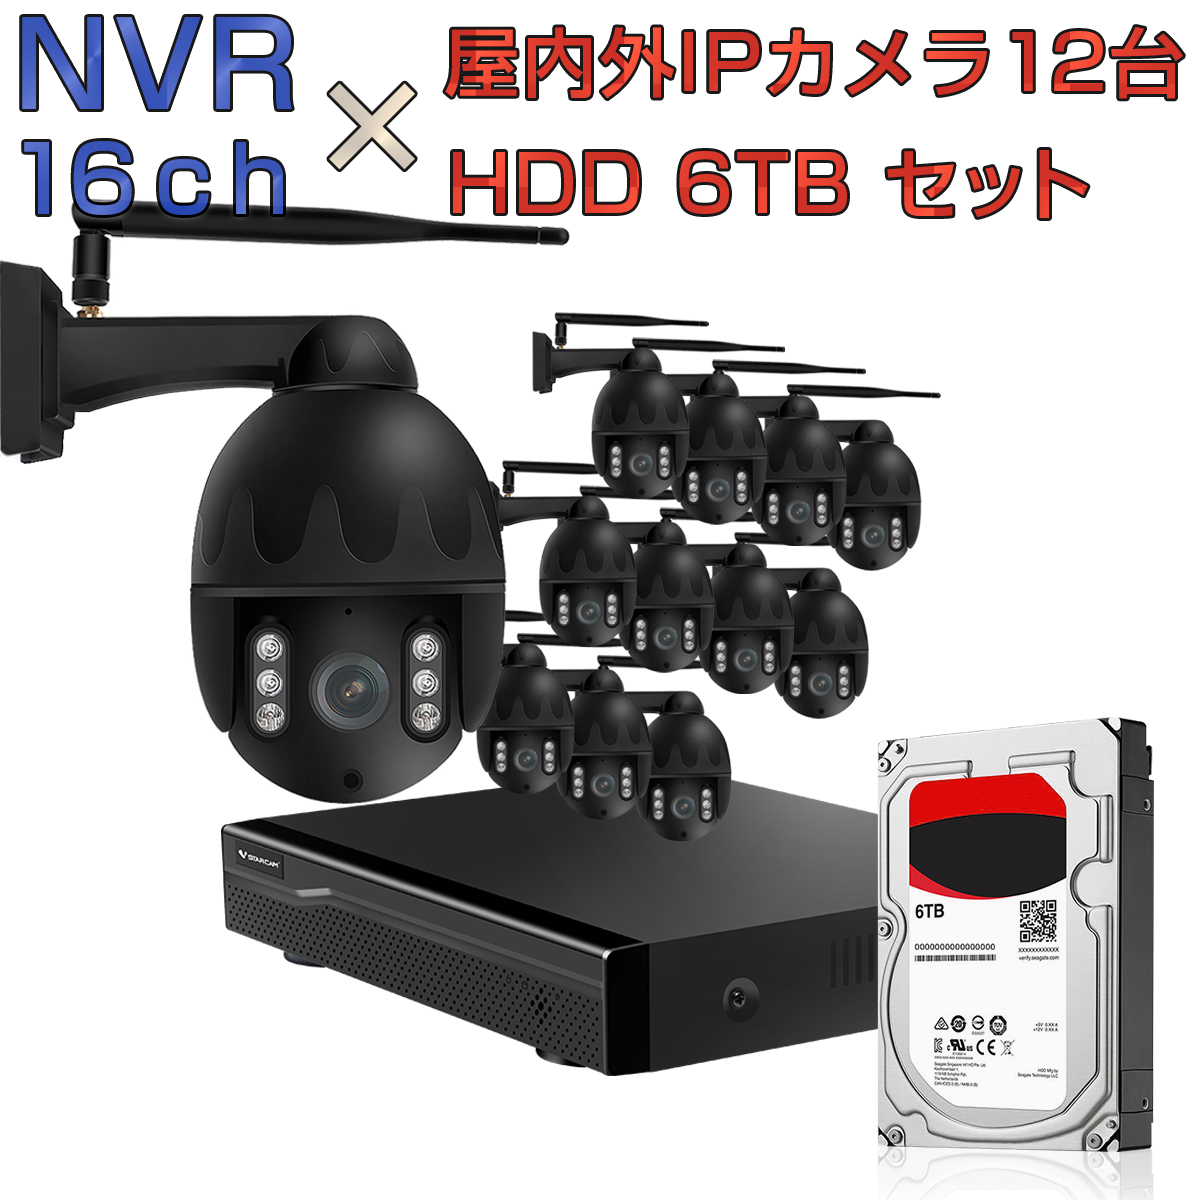 NVR ネットワークビデオレコーダー 16ch HDD6TB内蔵 C31S 2K 1080p 200万画素カメラ 12台セット IP ONVIF形式 スマホ対応 遠隔監視 FHD 動体検知 同時出力 録音対応 H.265+ IPカメラレコーダー監視システム 6ヶ月保証 K&M